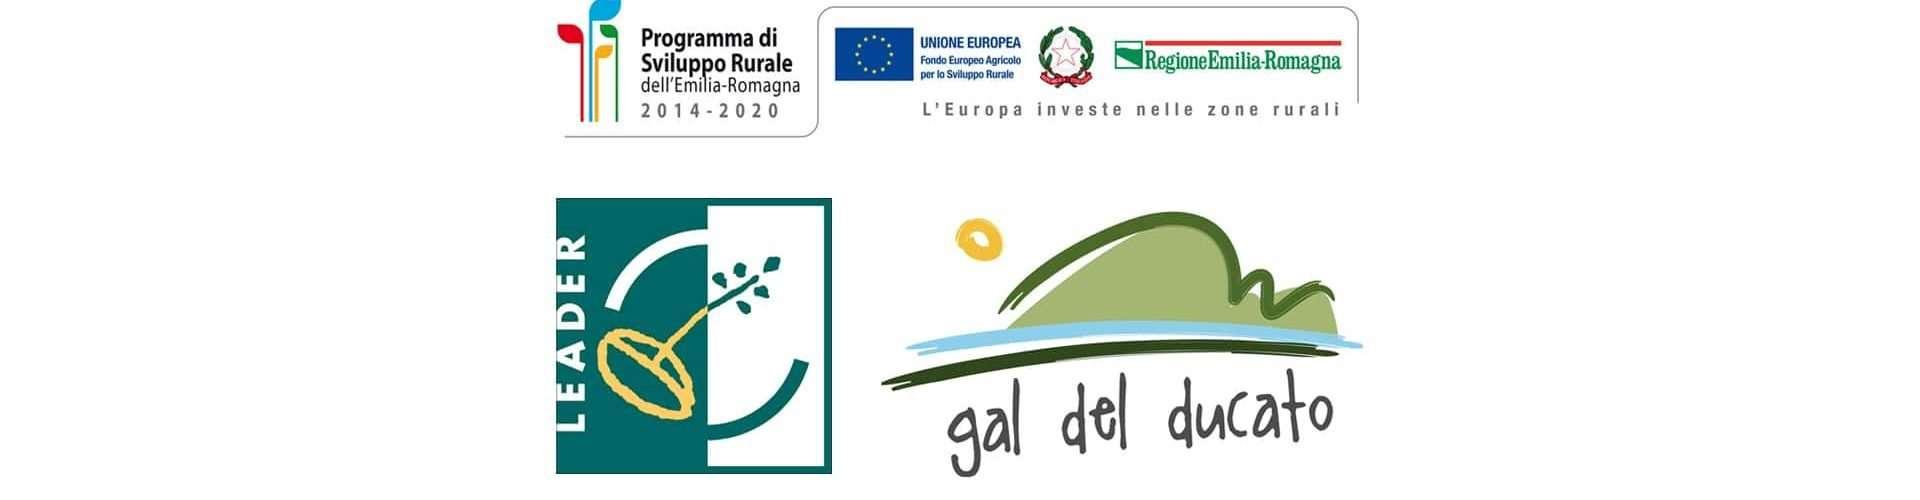 Programma di Sviluppo Rurale dell'Emilia-Romagna 2014-2020